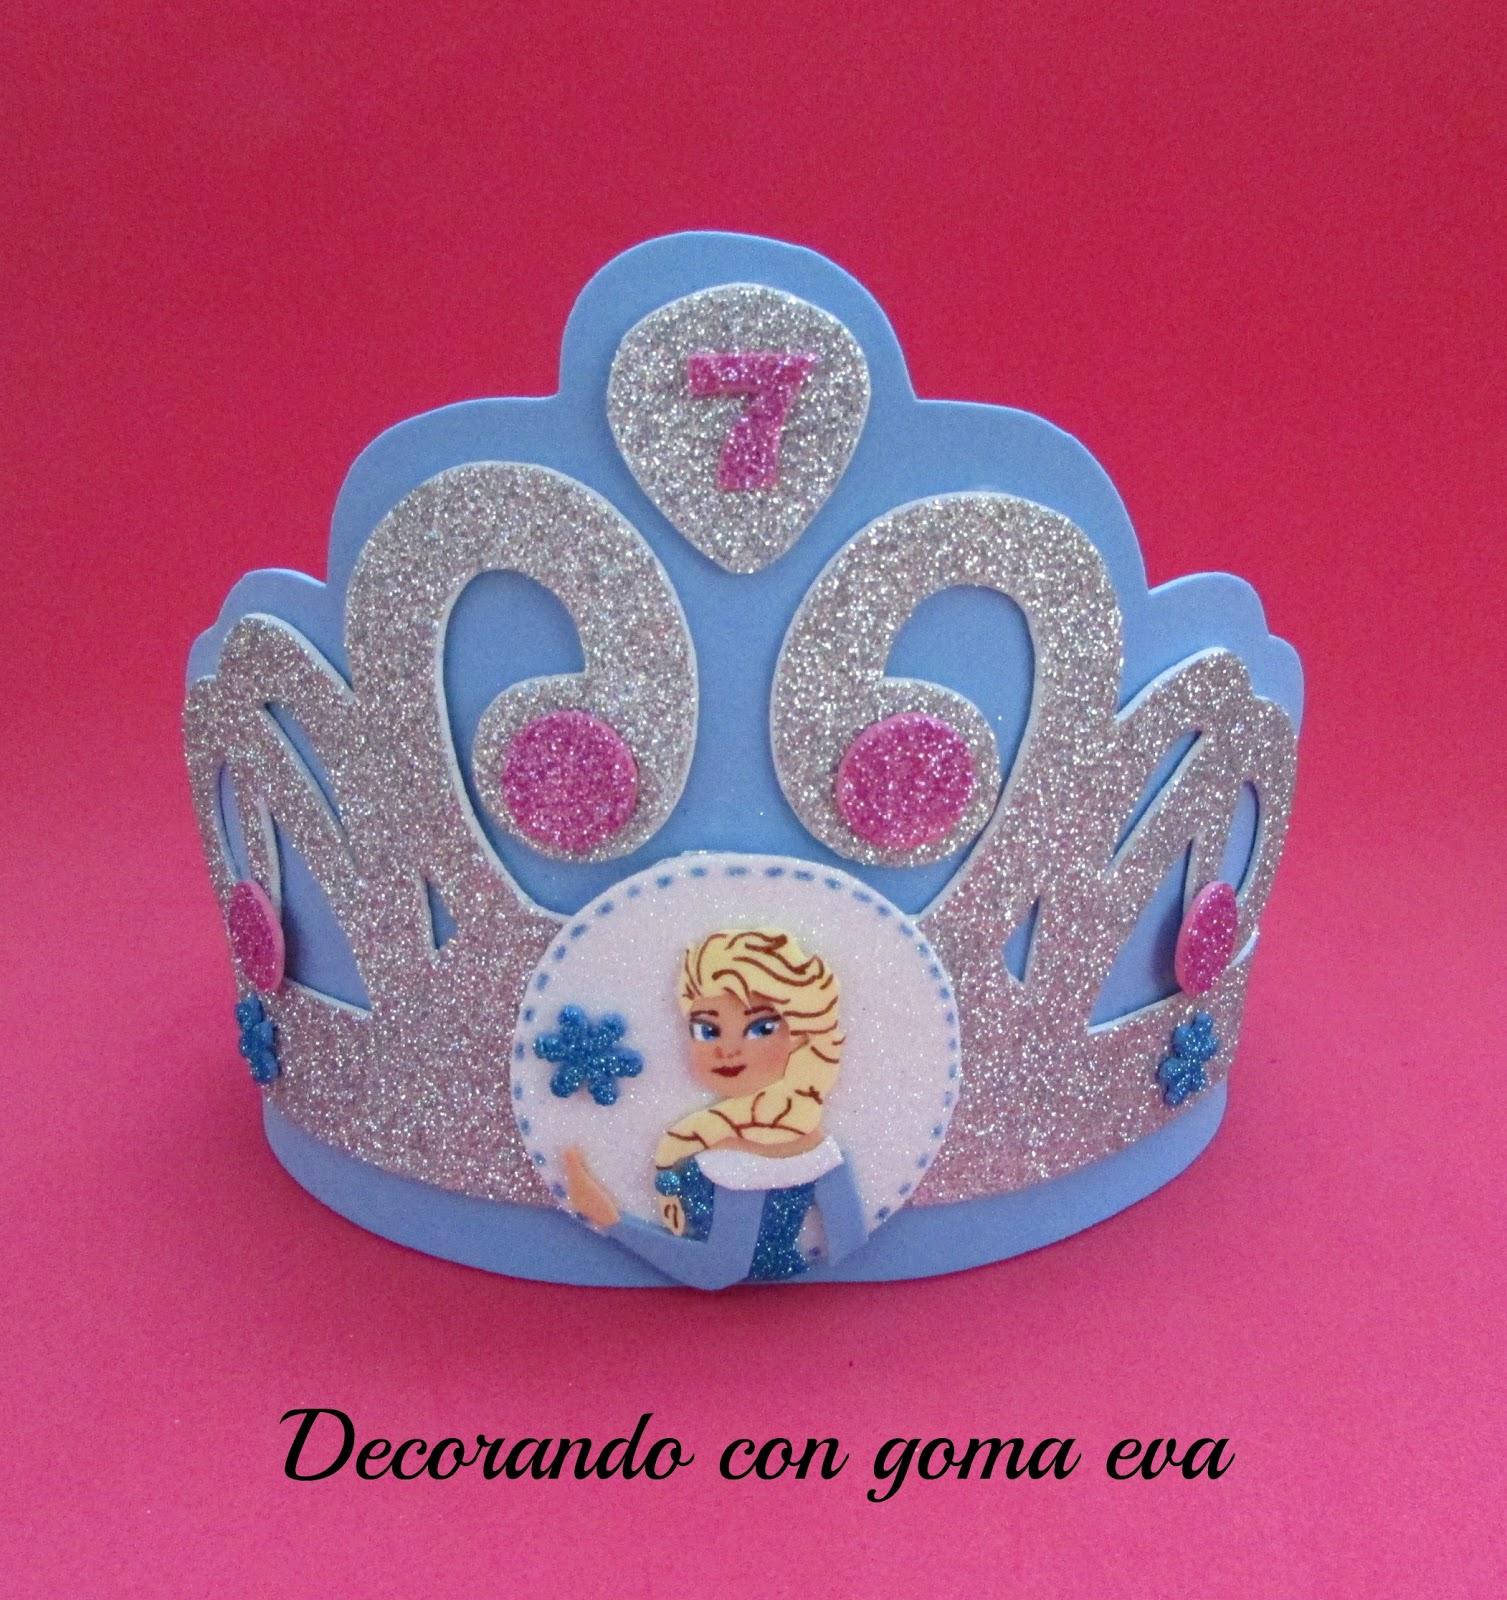 Decorando con goma eva cartel y corona para cumplea os de for Decoracion de goma eva para cumpleanos